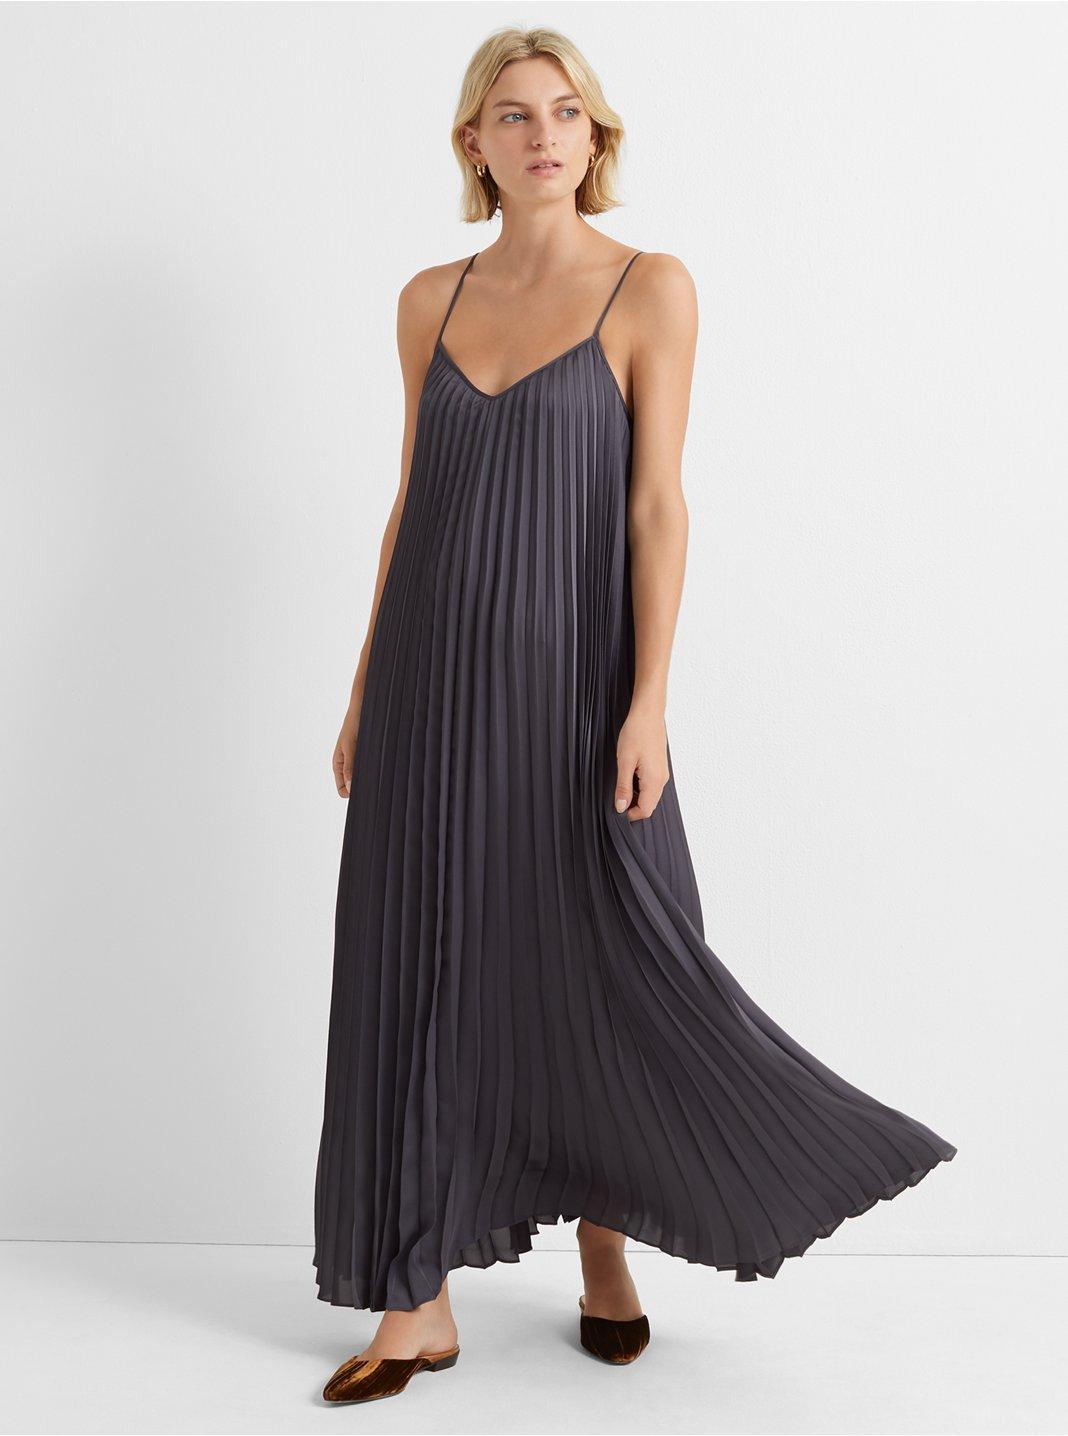 클럽 모나코 스트래피 주름 원피스 - 2 컬러 Club Monaco Strappy Pleated Maxi Dress